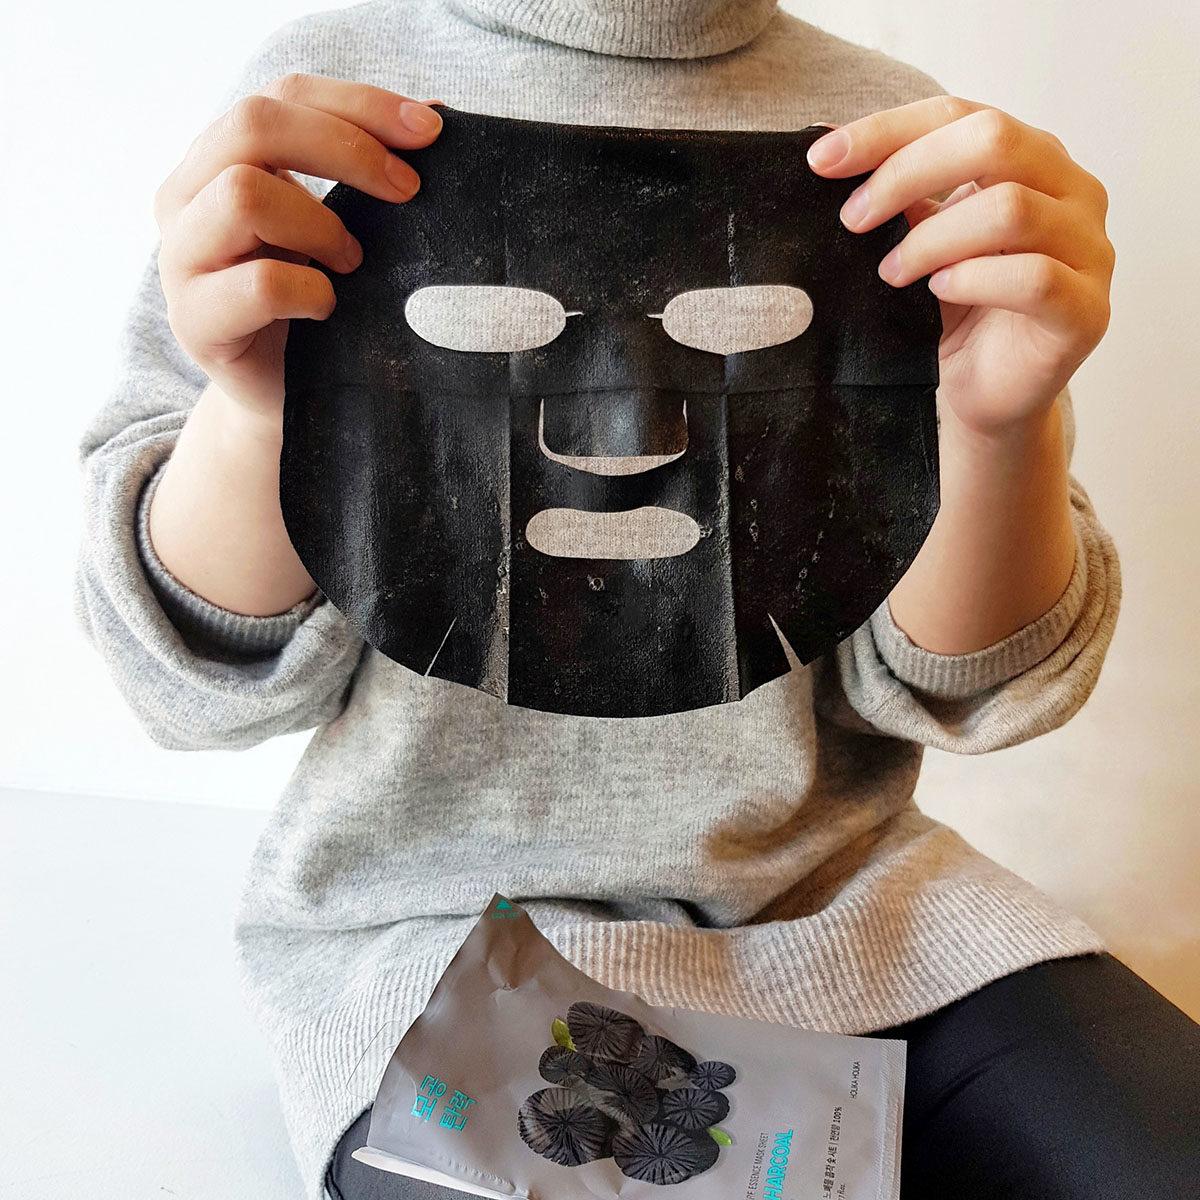 Holika-Holika-Pure-Essence-Mask-Charcoal-2.jpg